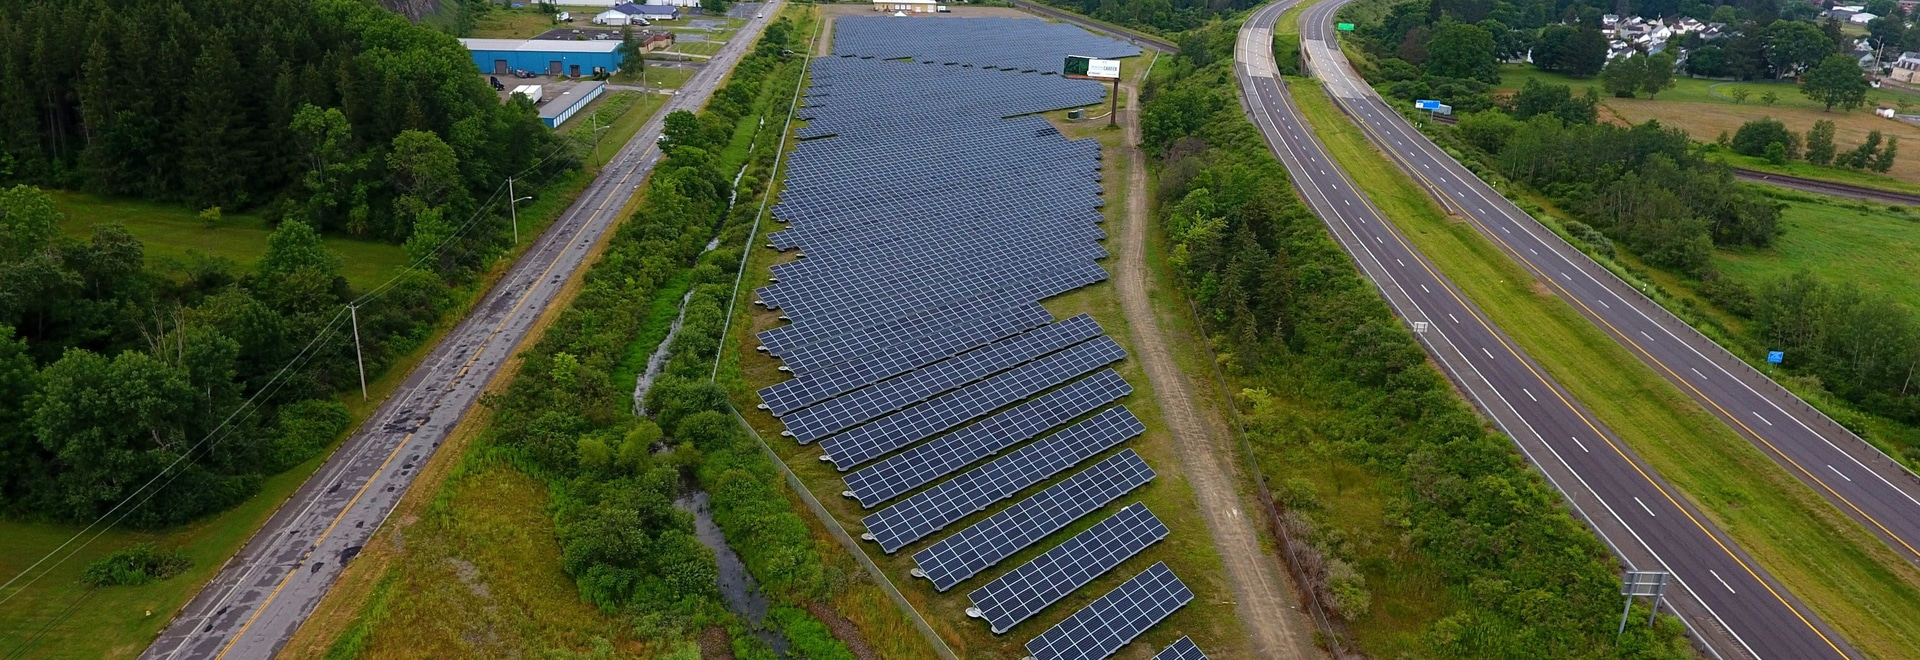 Recom completa l'impianto solare da 4,07 MW nello Stato di NY